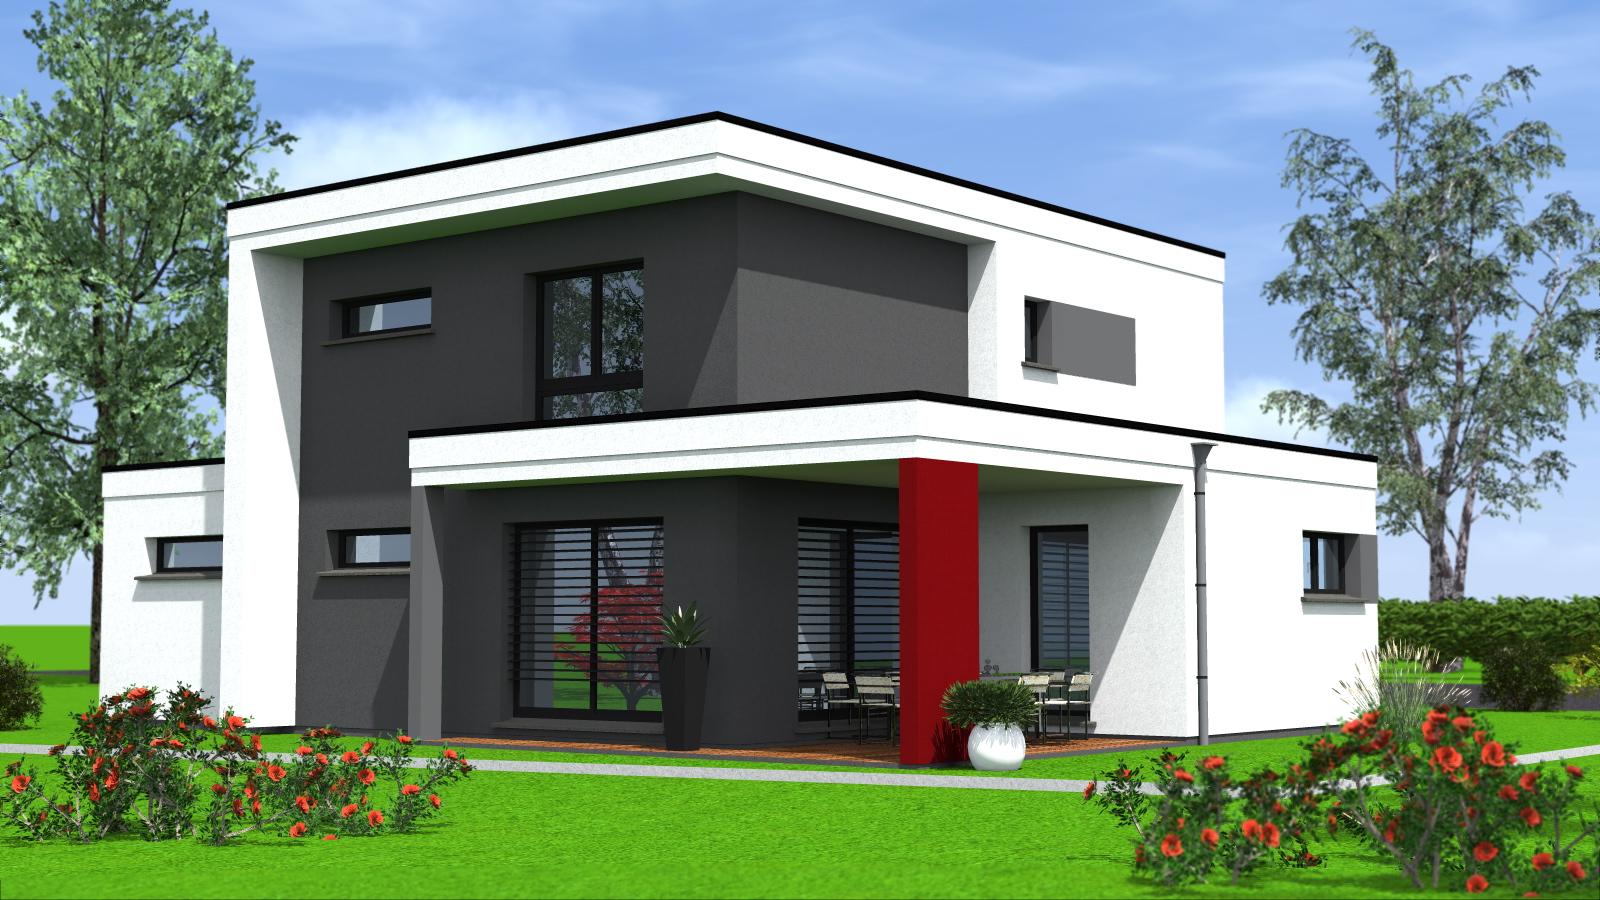 construction de maisons cubiques maisons begi. Black Bedroom Furniture Sets. Home Design Ideas